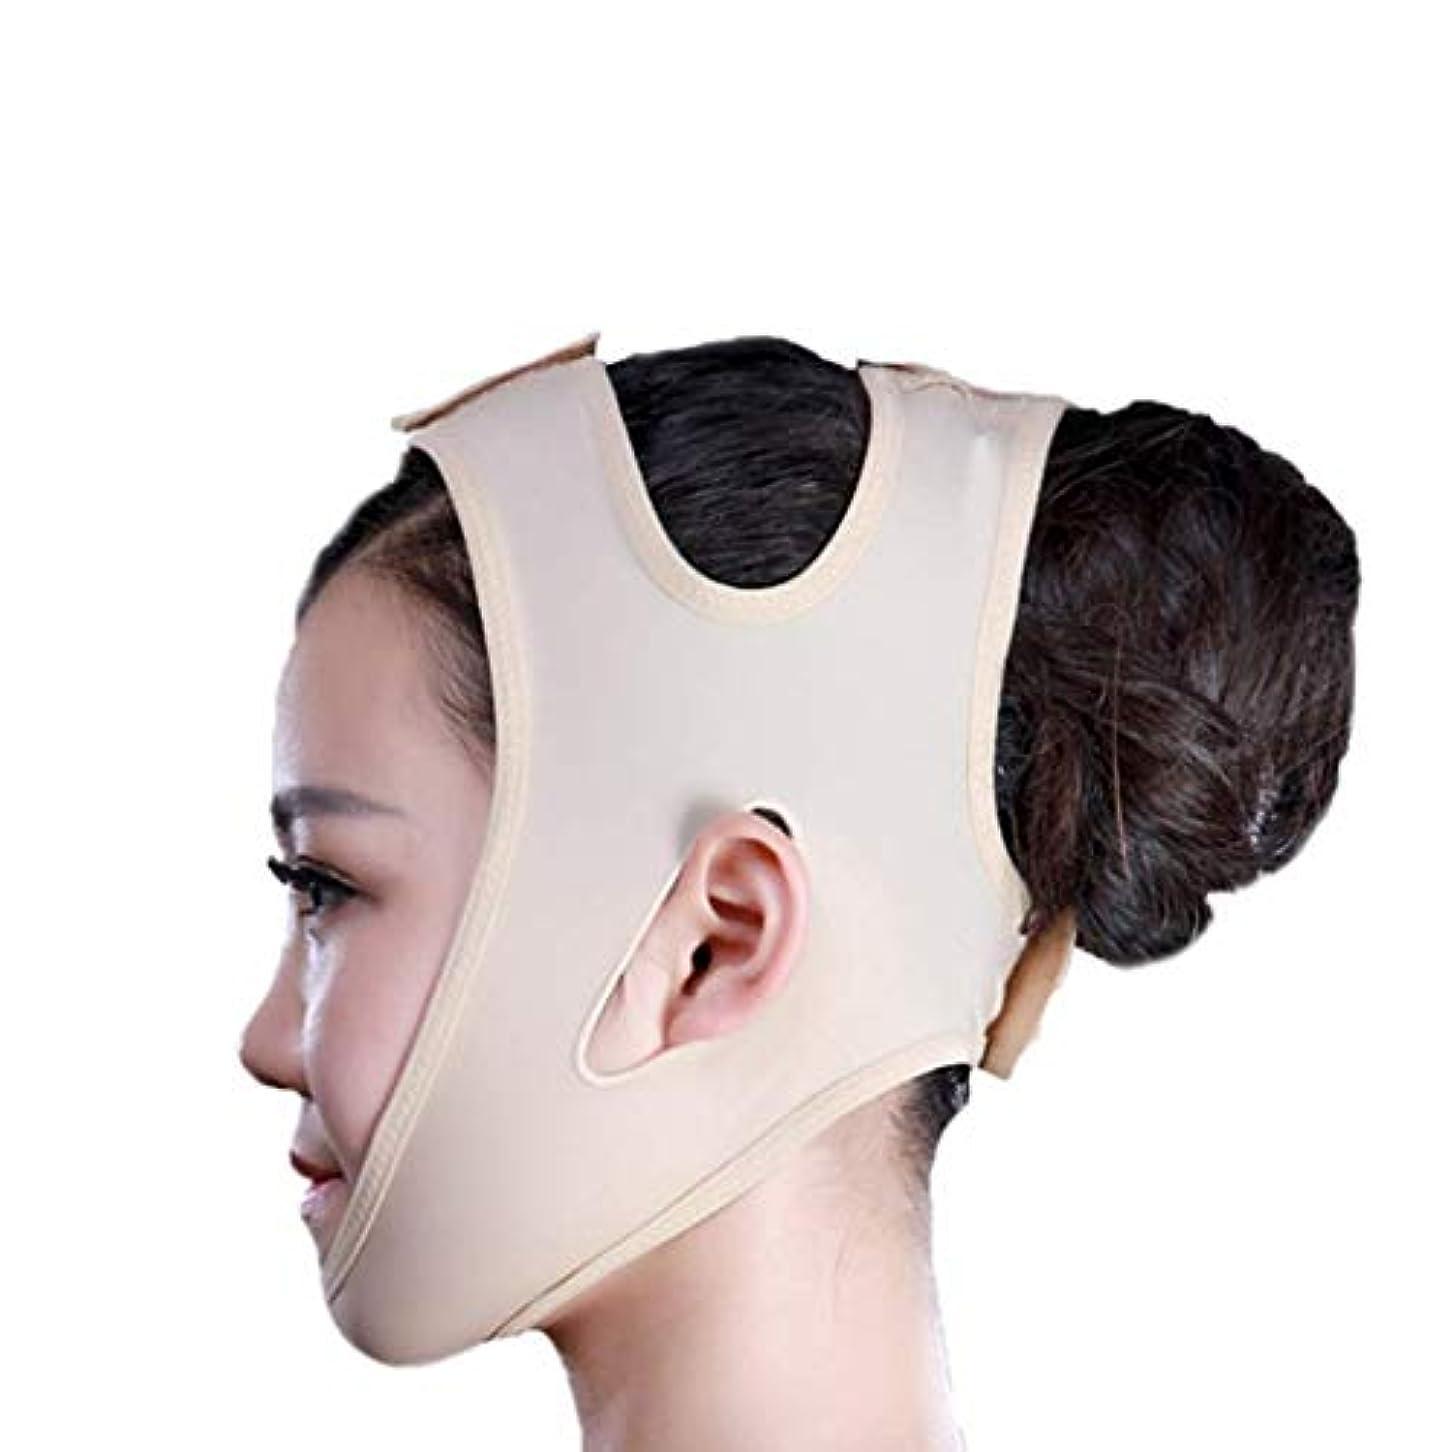 首人道的ローンフェイススリミングマスク、快適さと通気性、フェイシャルリフティング、輪郭の改善された硬さ、ファーミングとリフティングフェイス(カラー:ブラック、サイズ:XL),黄色がかったピンク、L